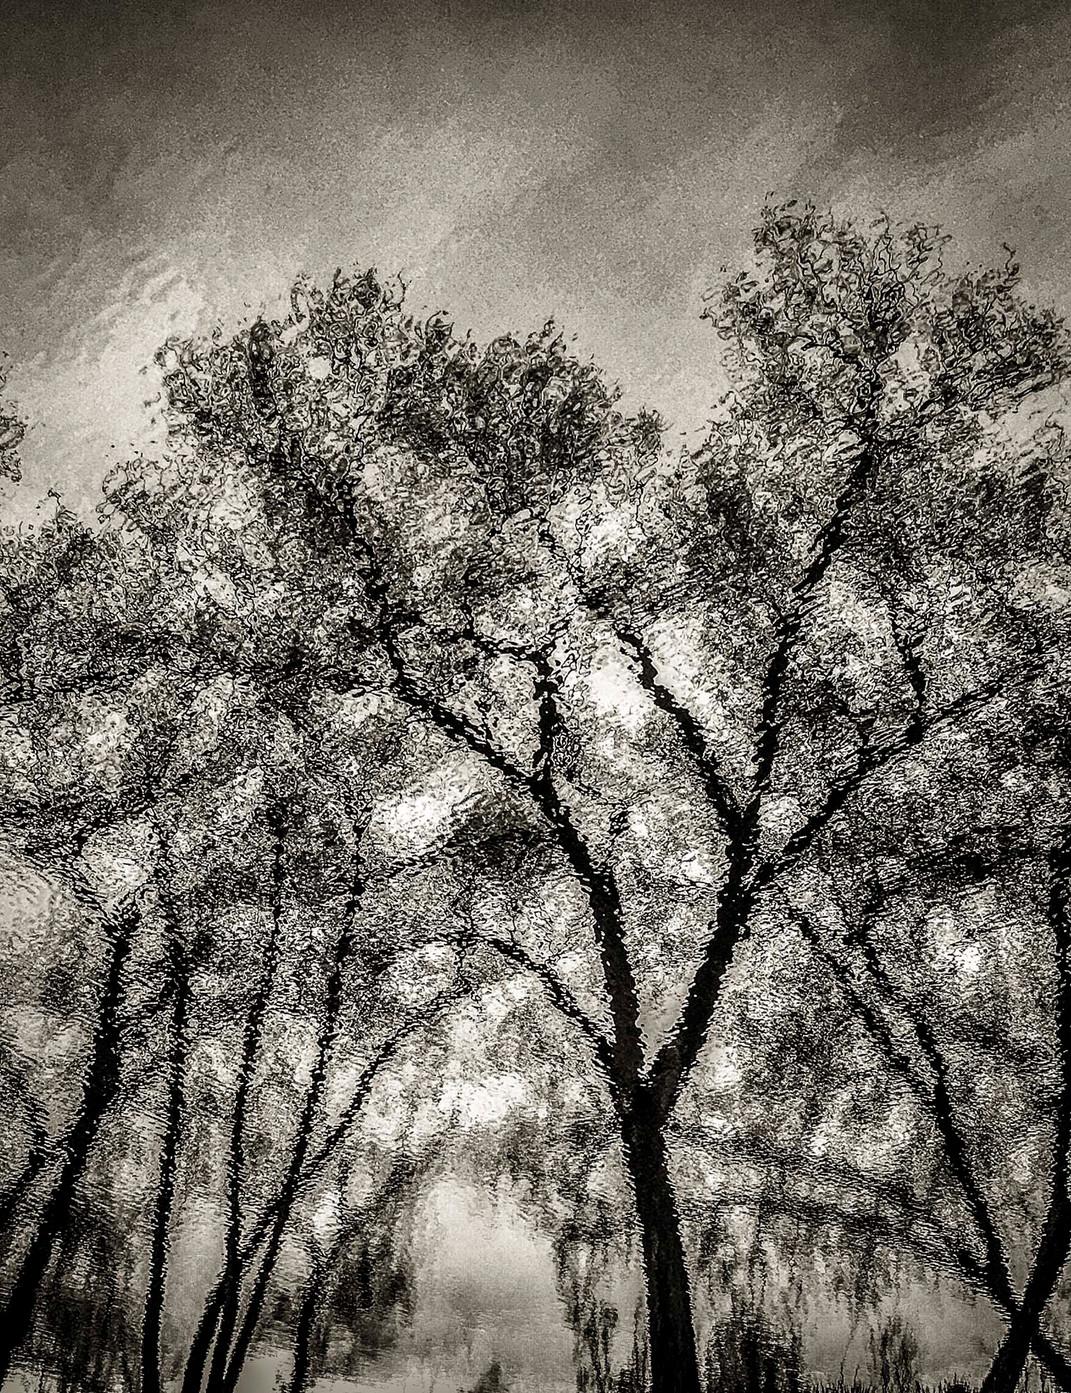 Siddho-Photography-nature-BW-32.jpg